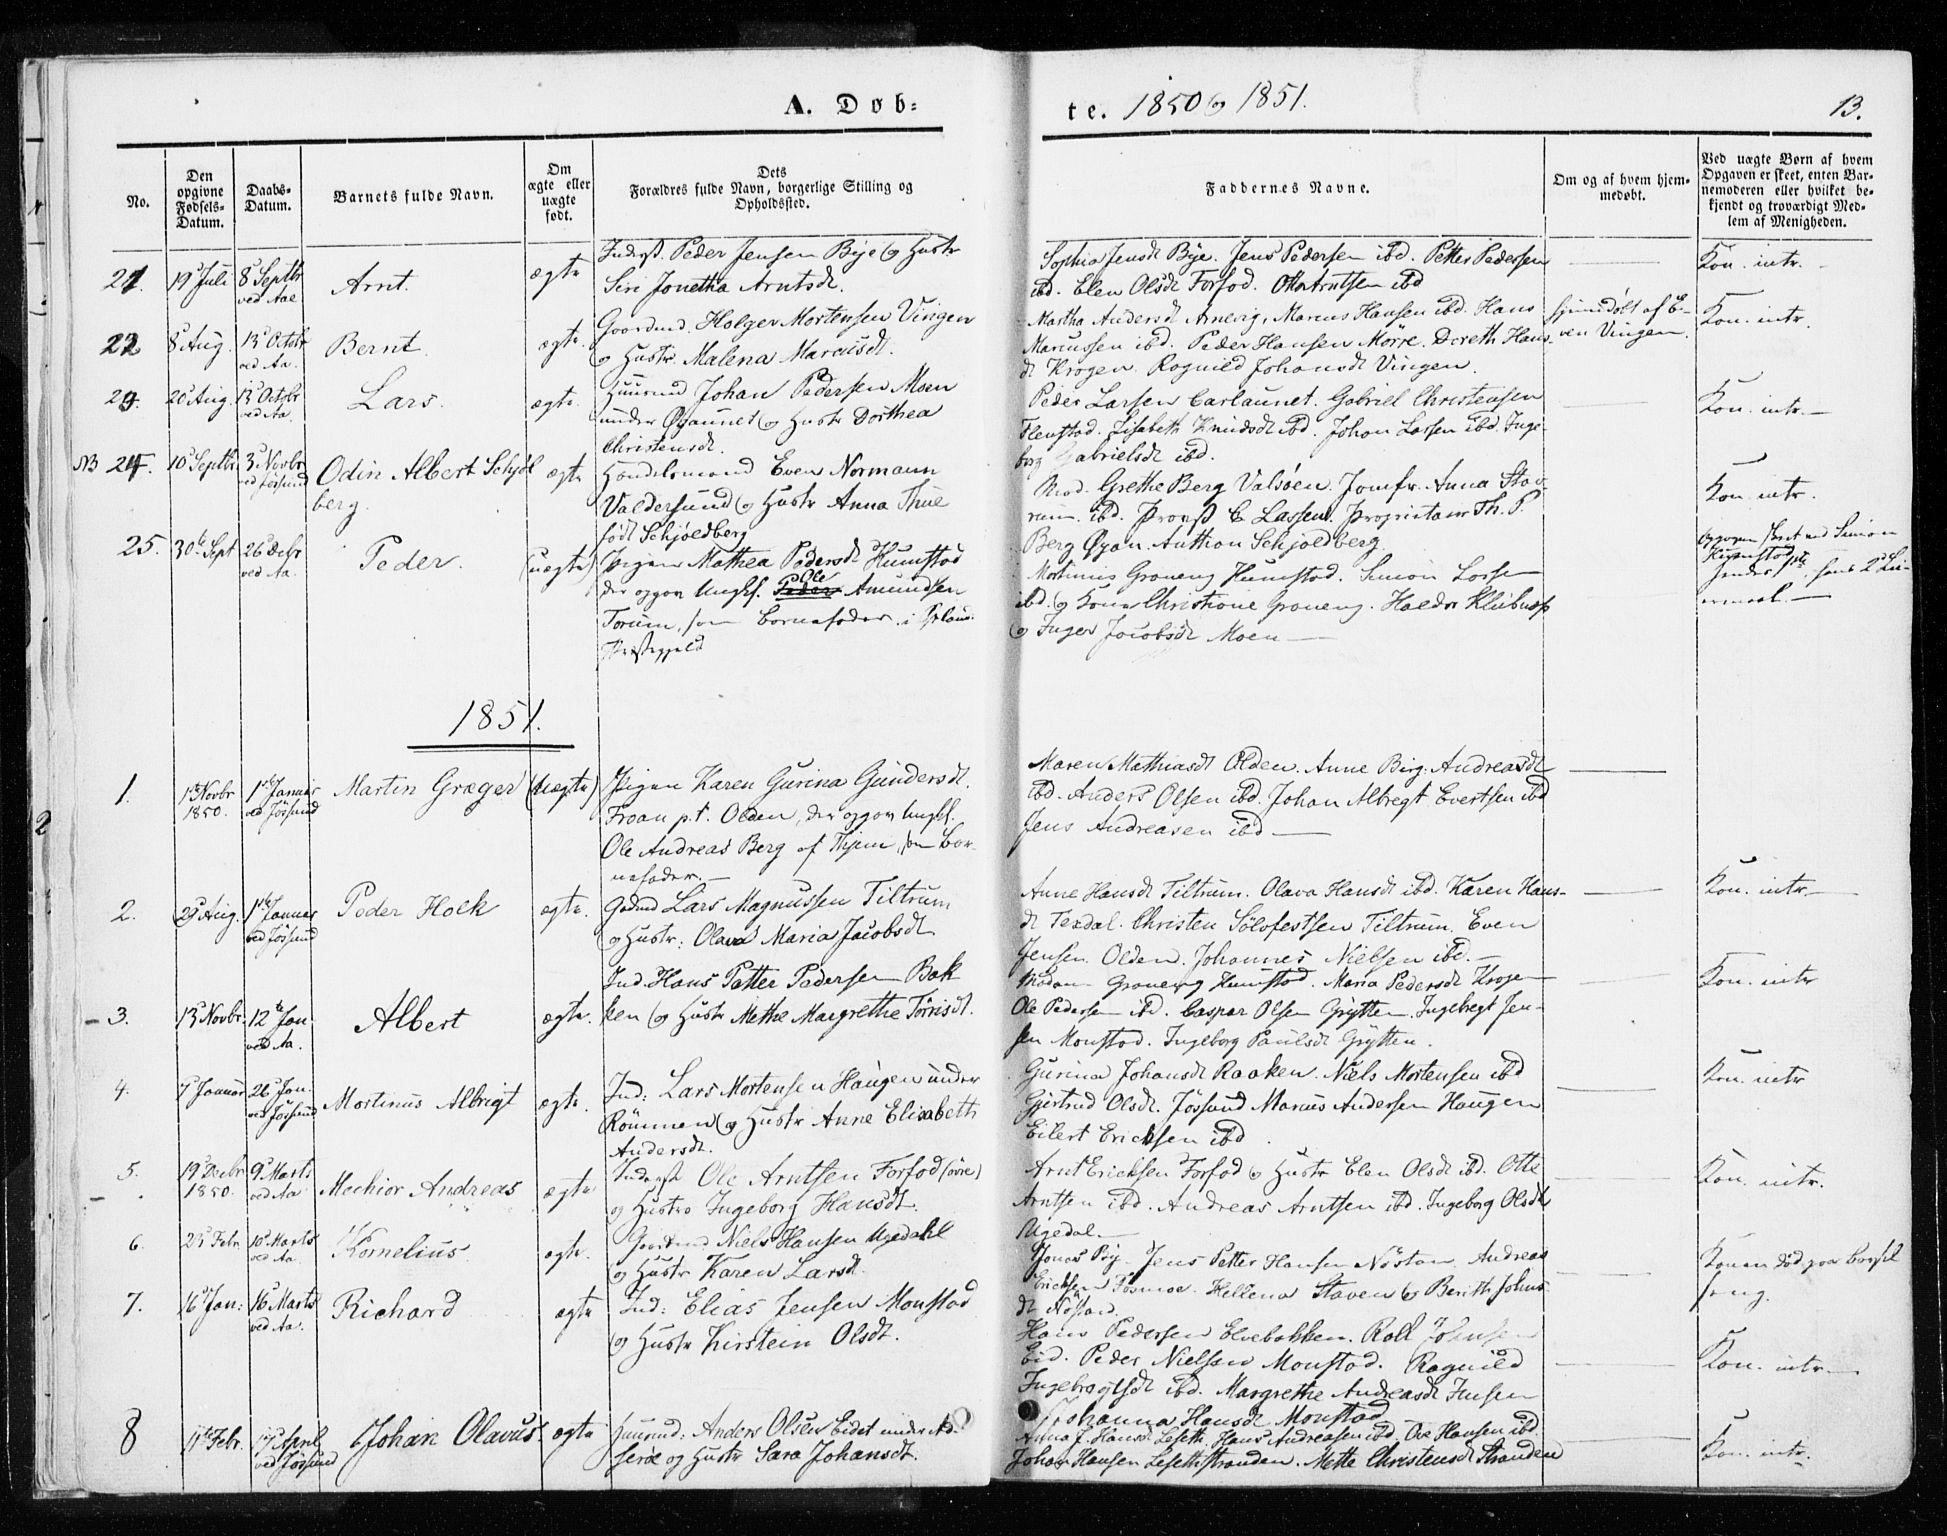 SAT, Ministerialprotokoller, klokkerbøker og fødselsregistre - Sør-Trøndelag, 655/L0677: Ministerialbok nr. 655A06, 1847-1860, s. 13